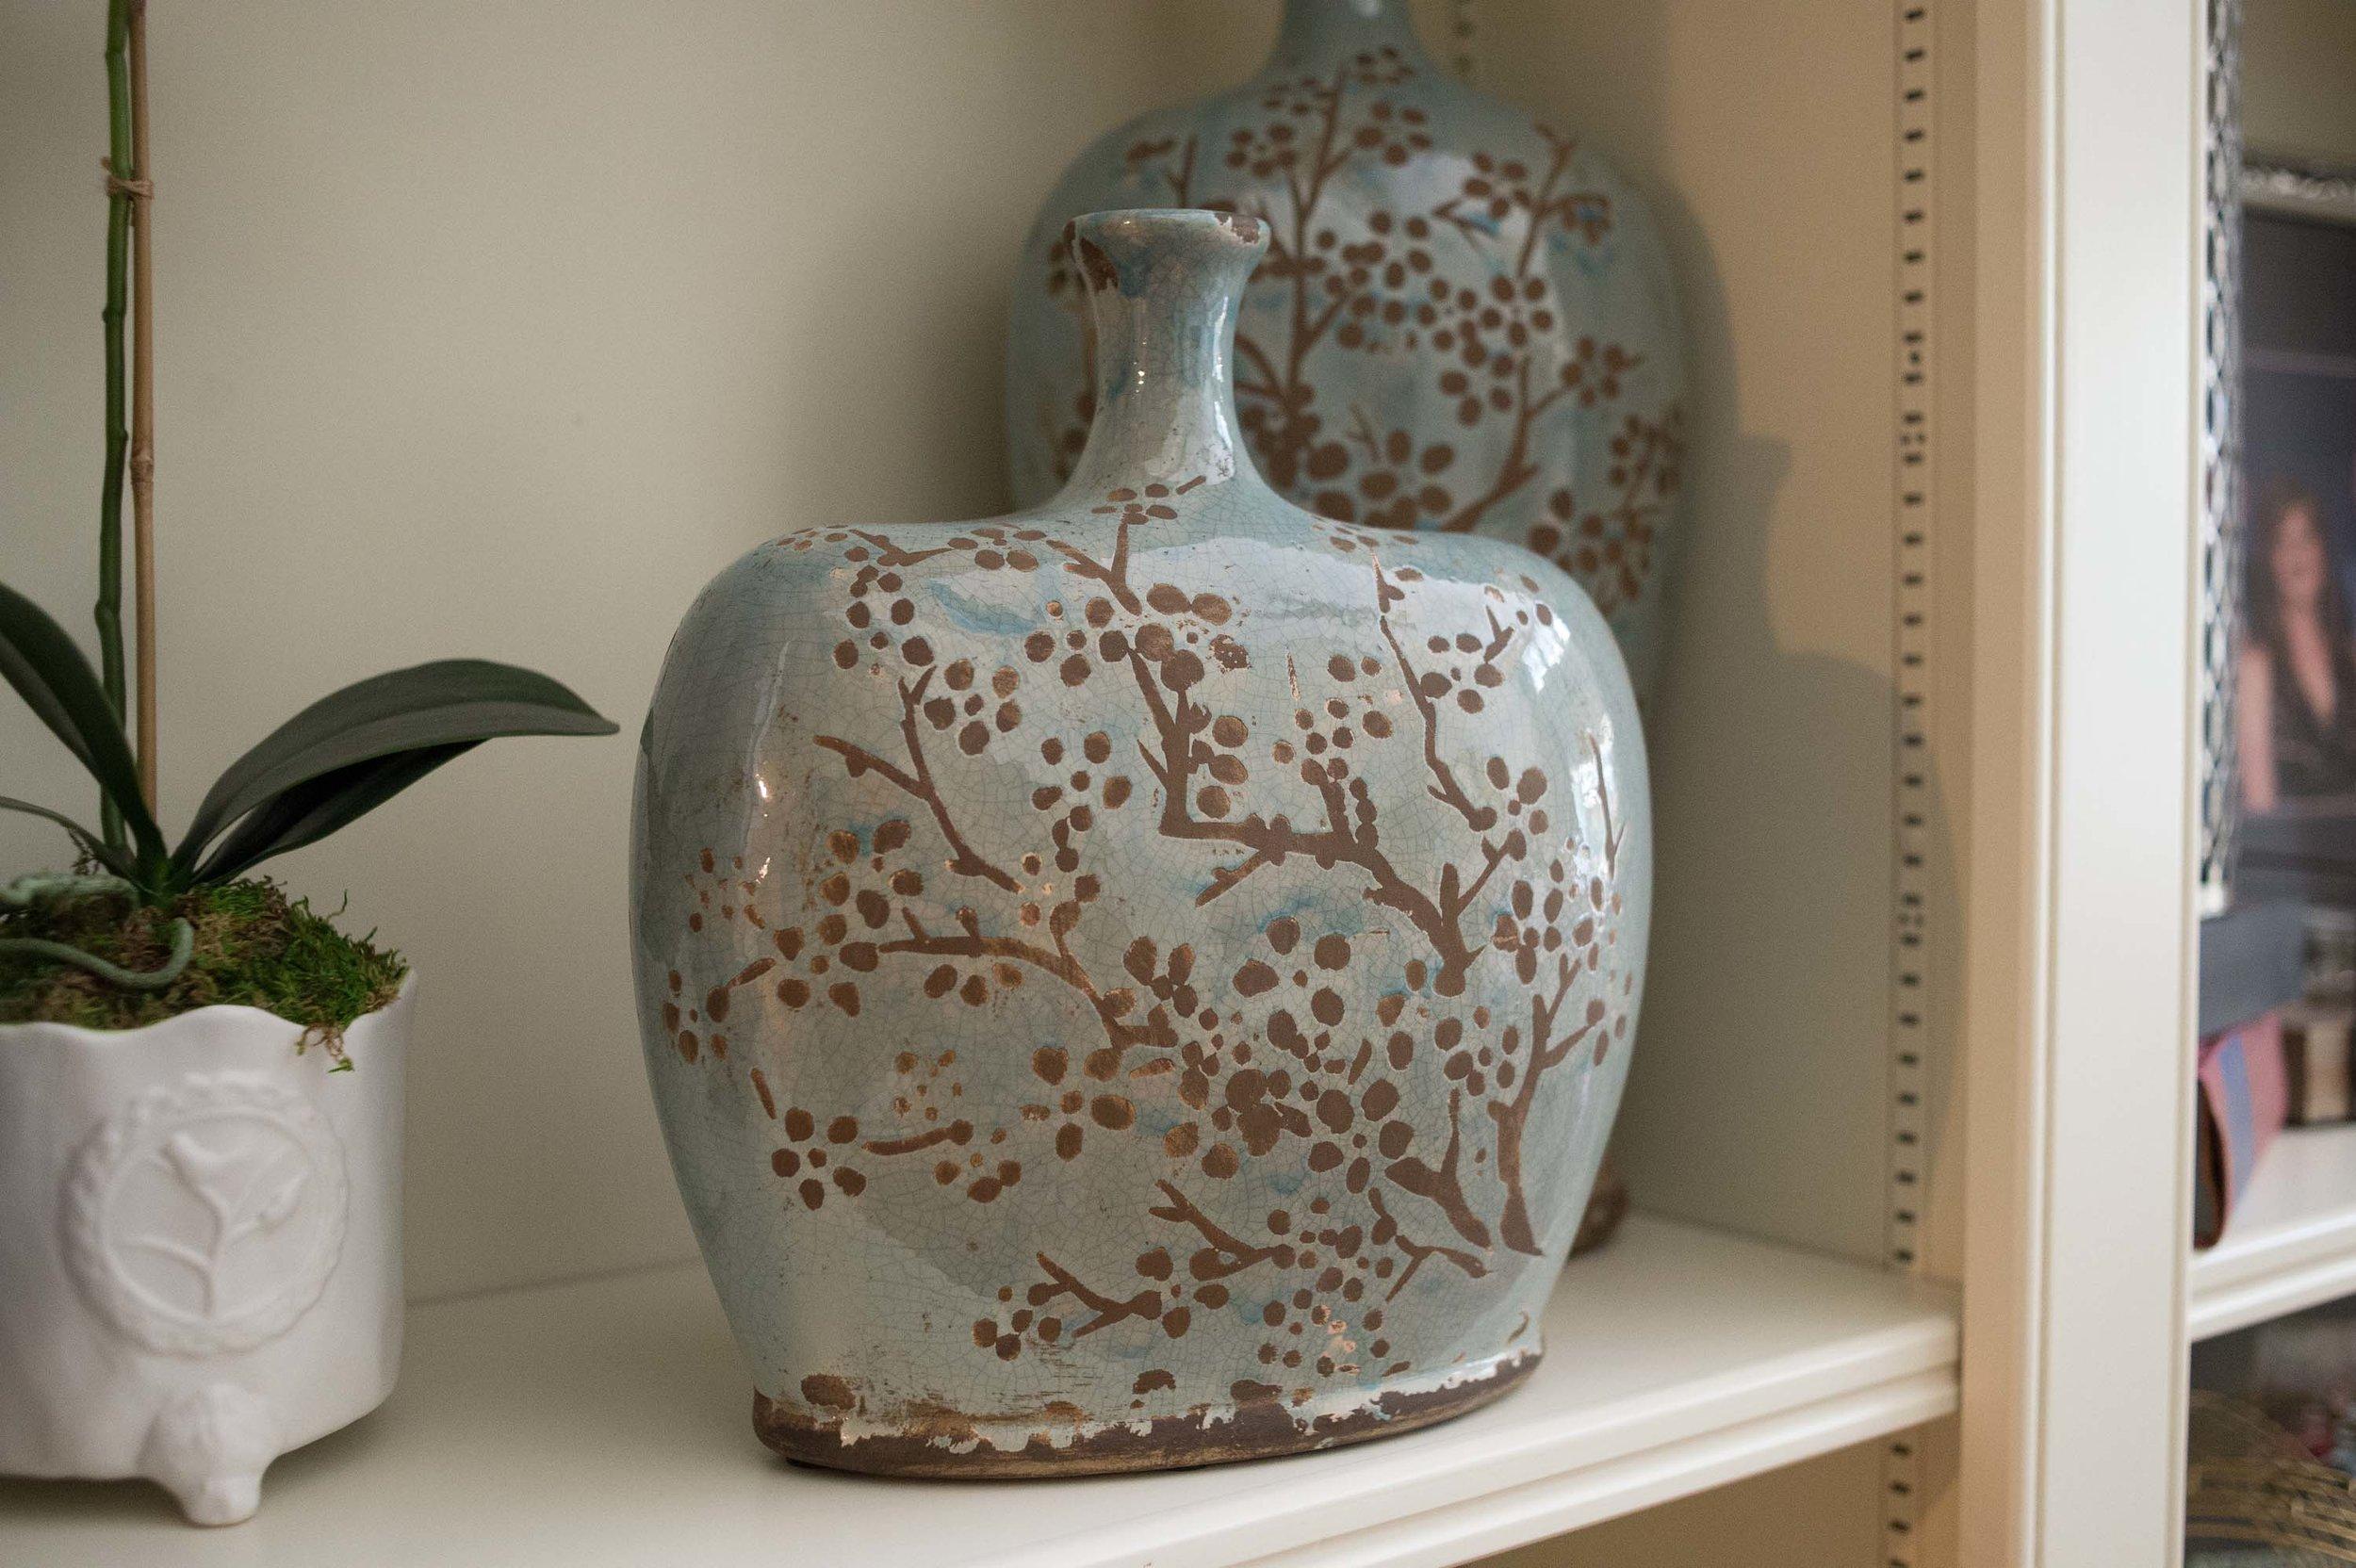 flower  design on ceramic vase